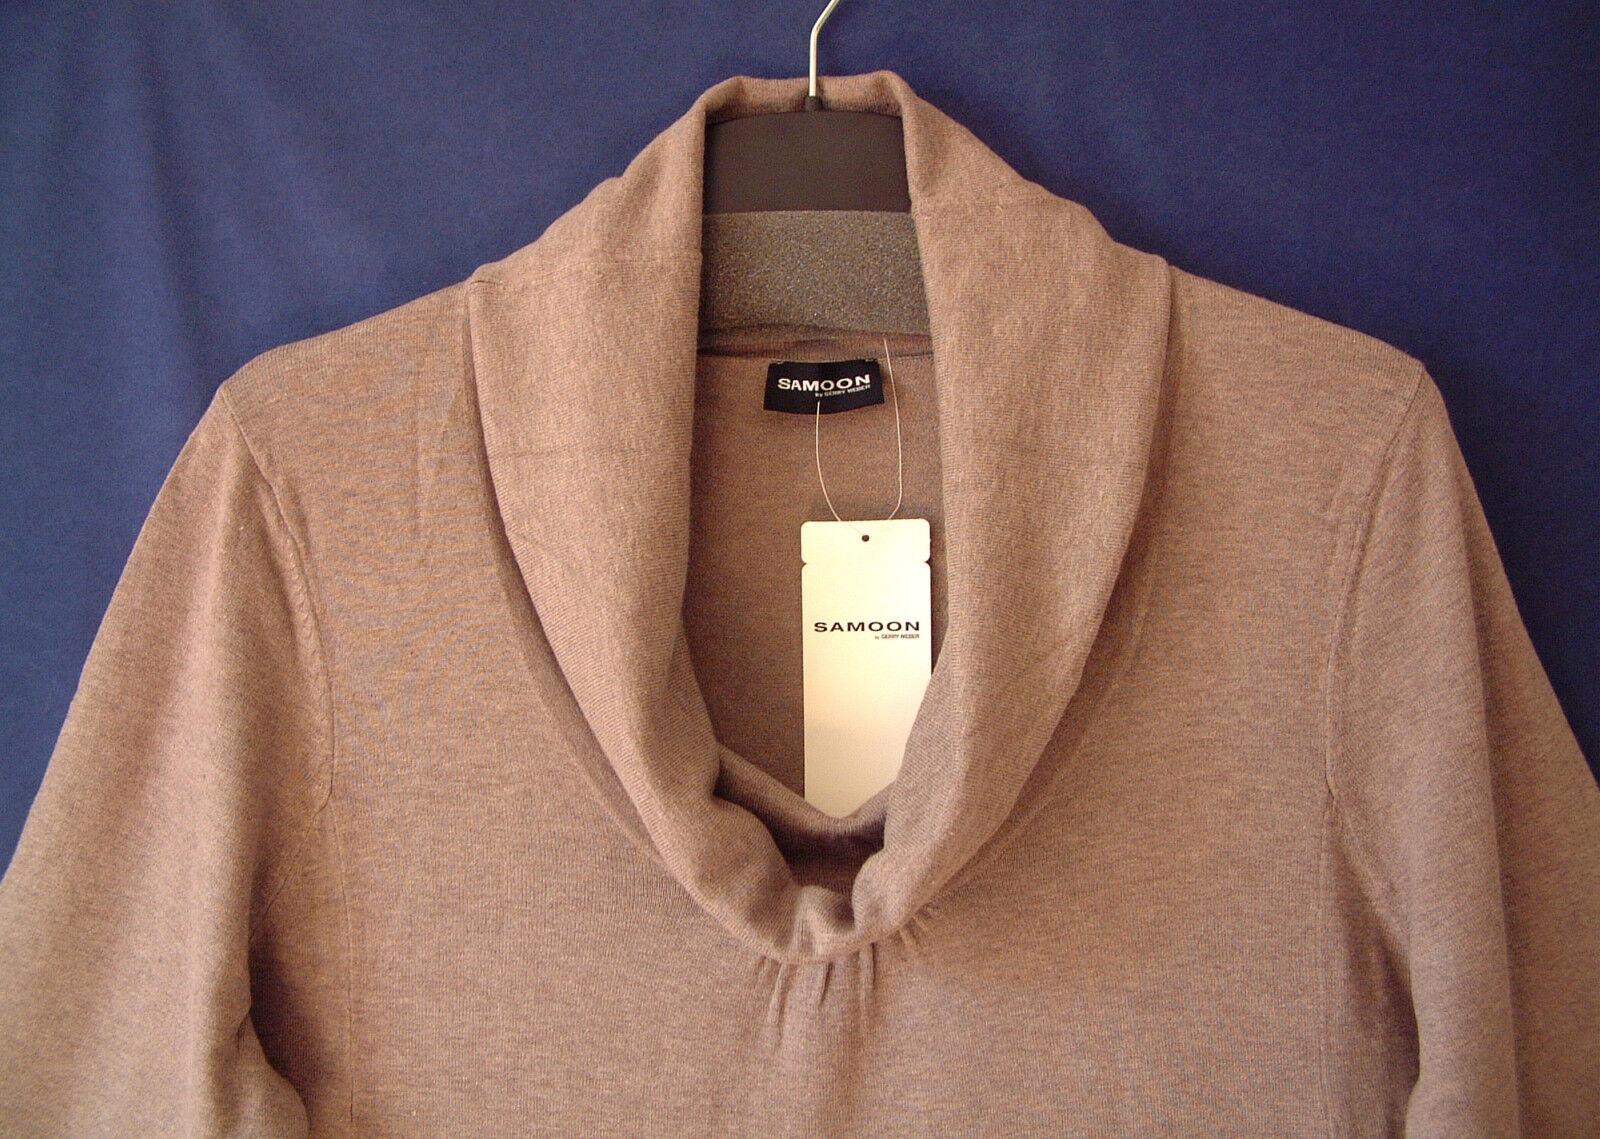 Samoon Maglione GERRY GERRY GERRY WEBER longstyle Maglione VESTITO CORTO finemente lavorato a maglia nuovo donna tg. c9d5b3